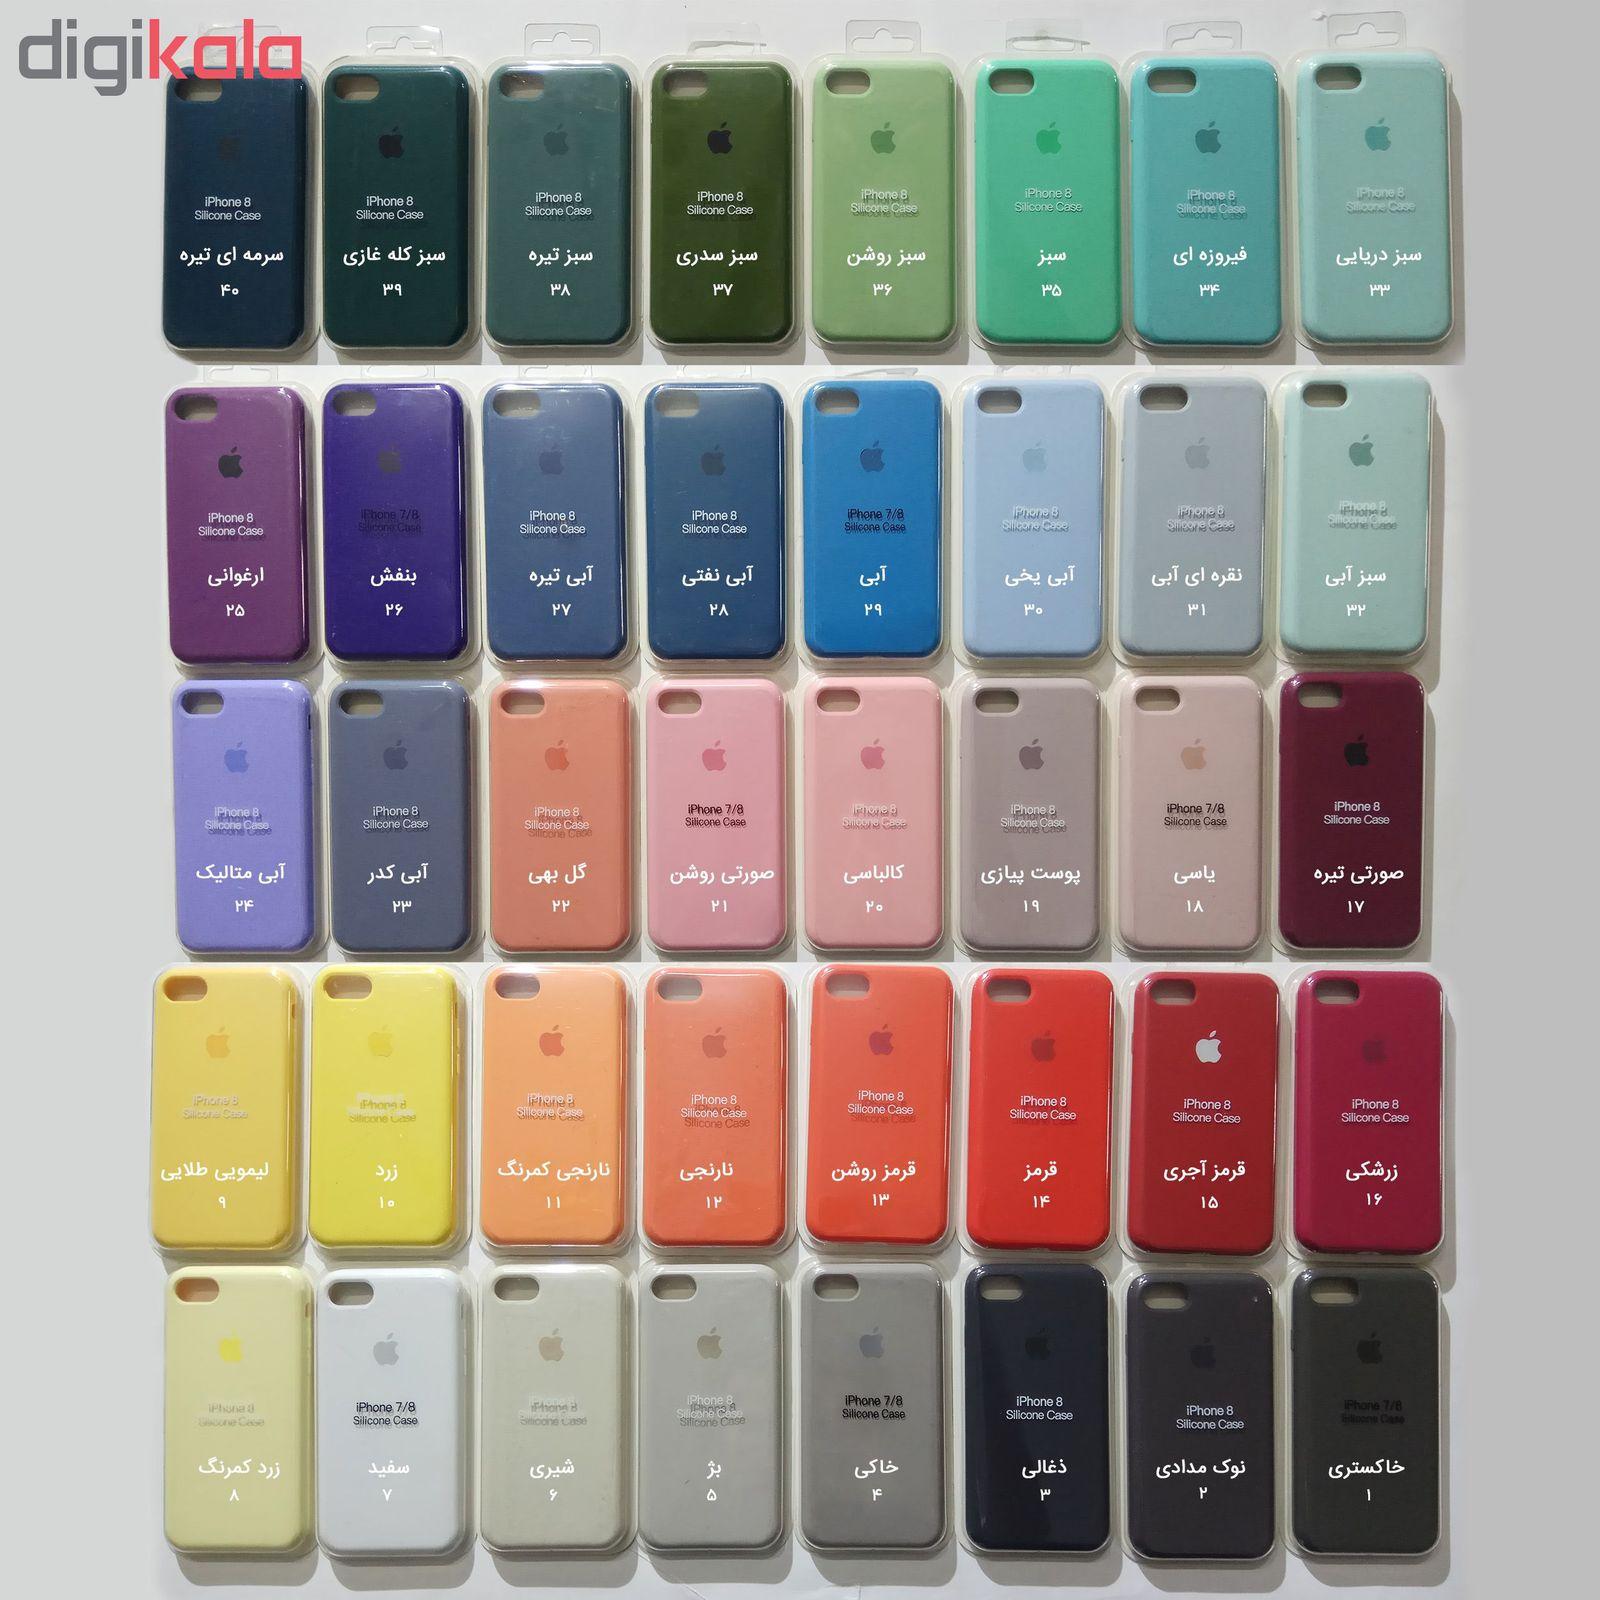 کاور وی کیس مدل Si01 مناسب برای گوشی موبایل اپل iPhone 7/8 main 1 3